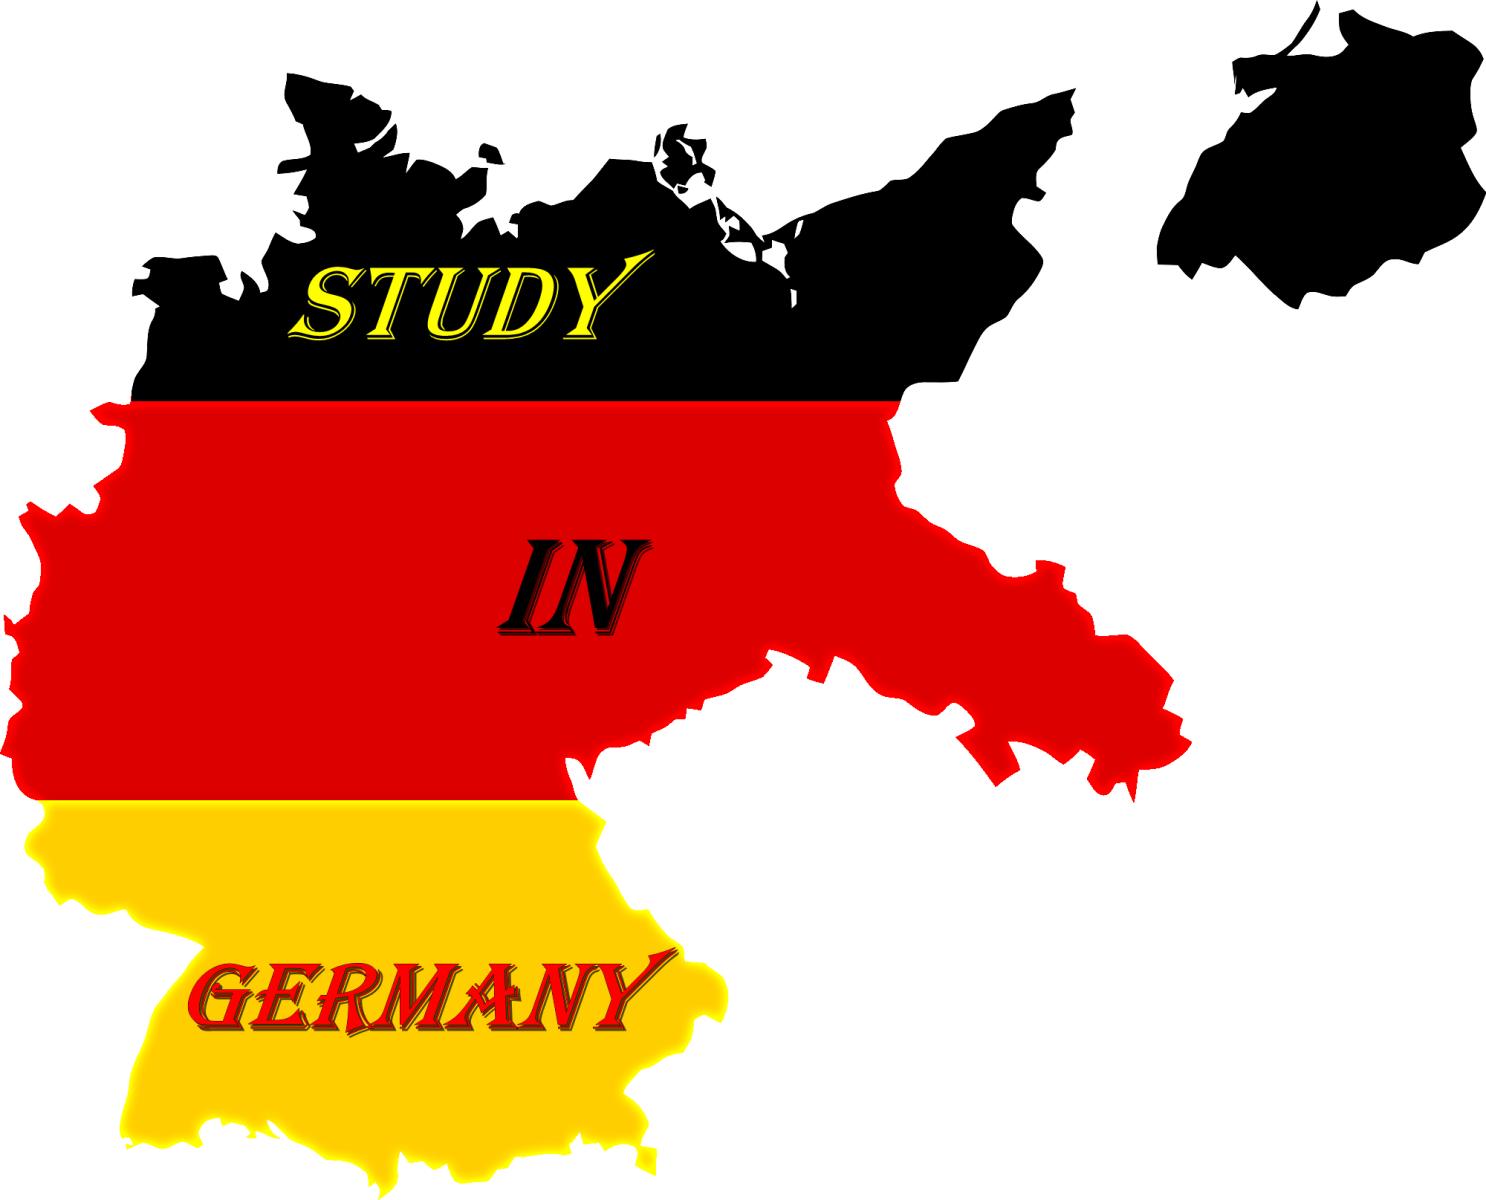 Tổng quan về hệ thống giáo dục Đức